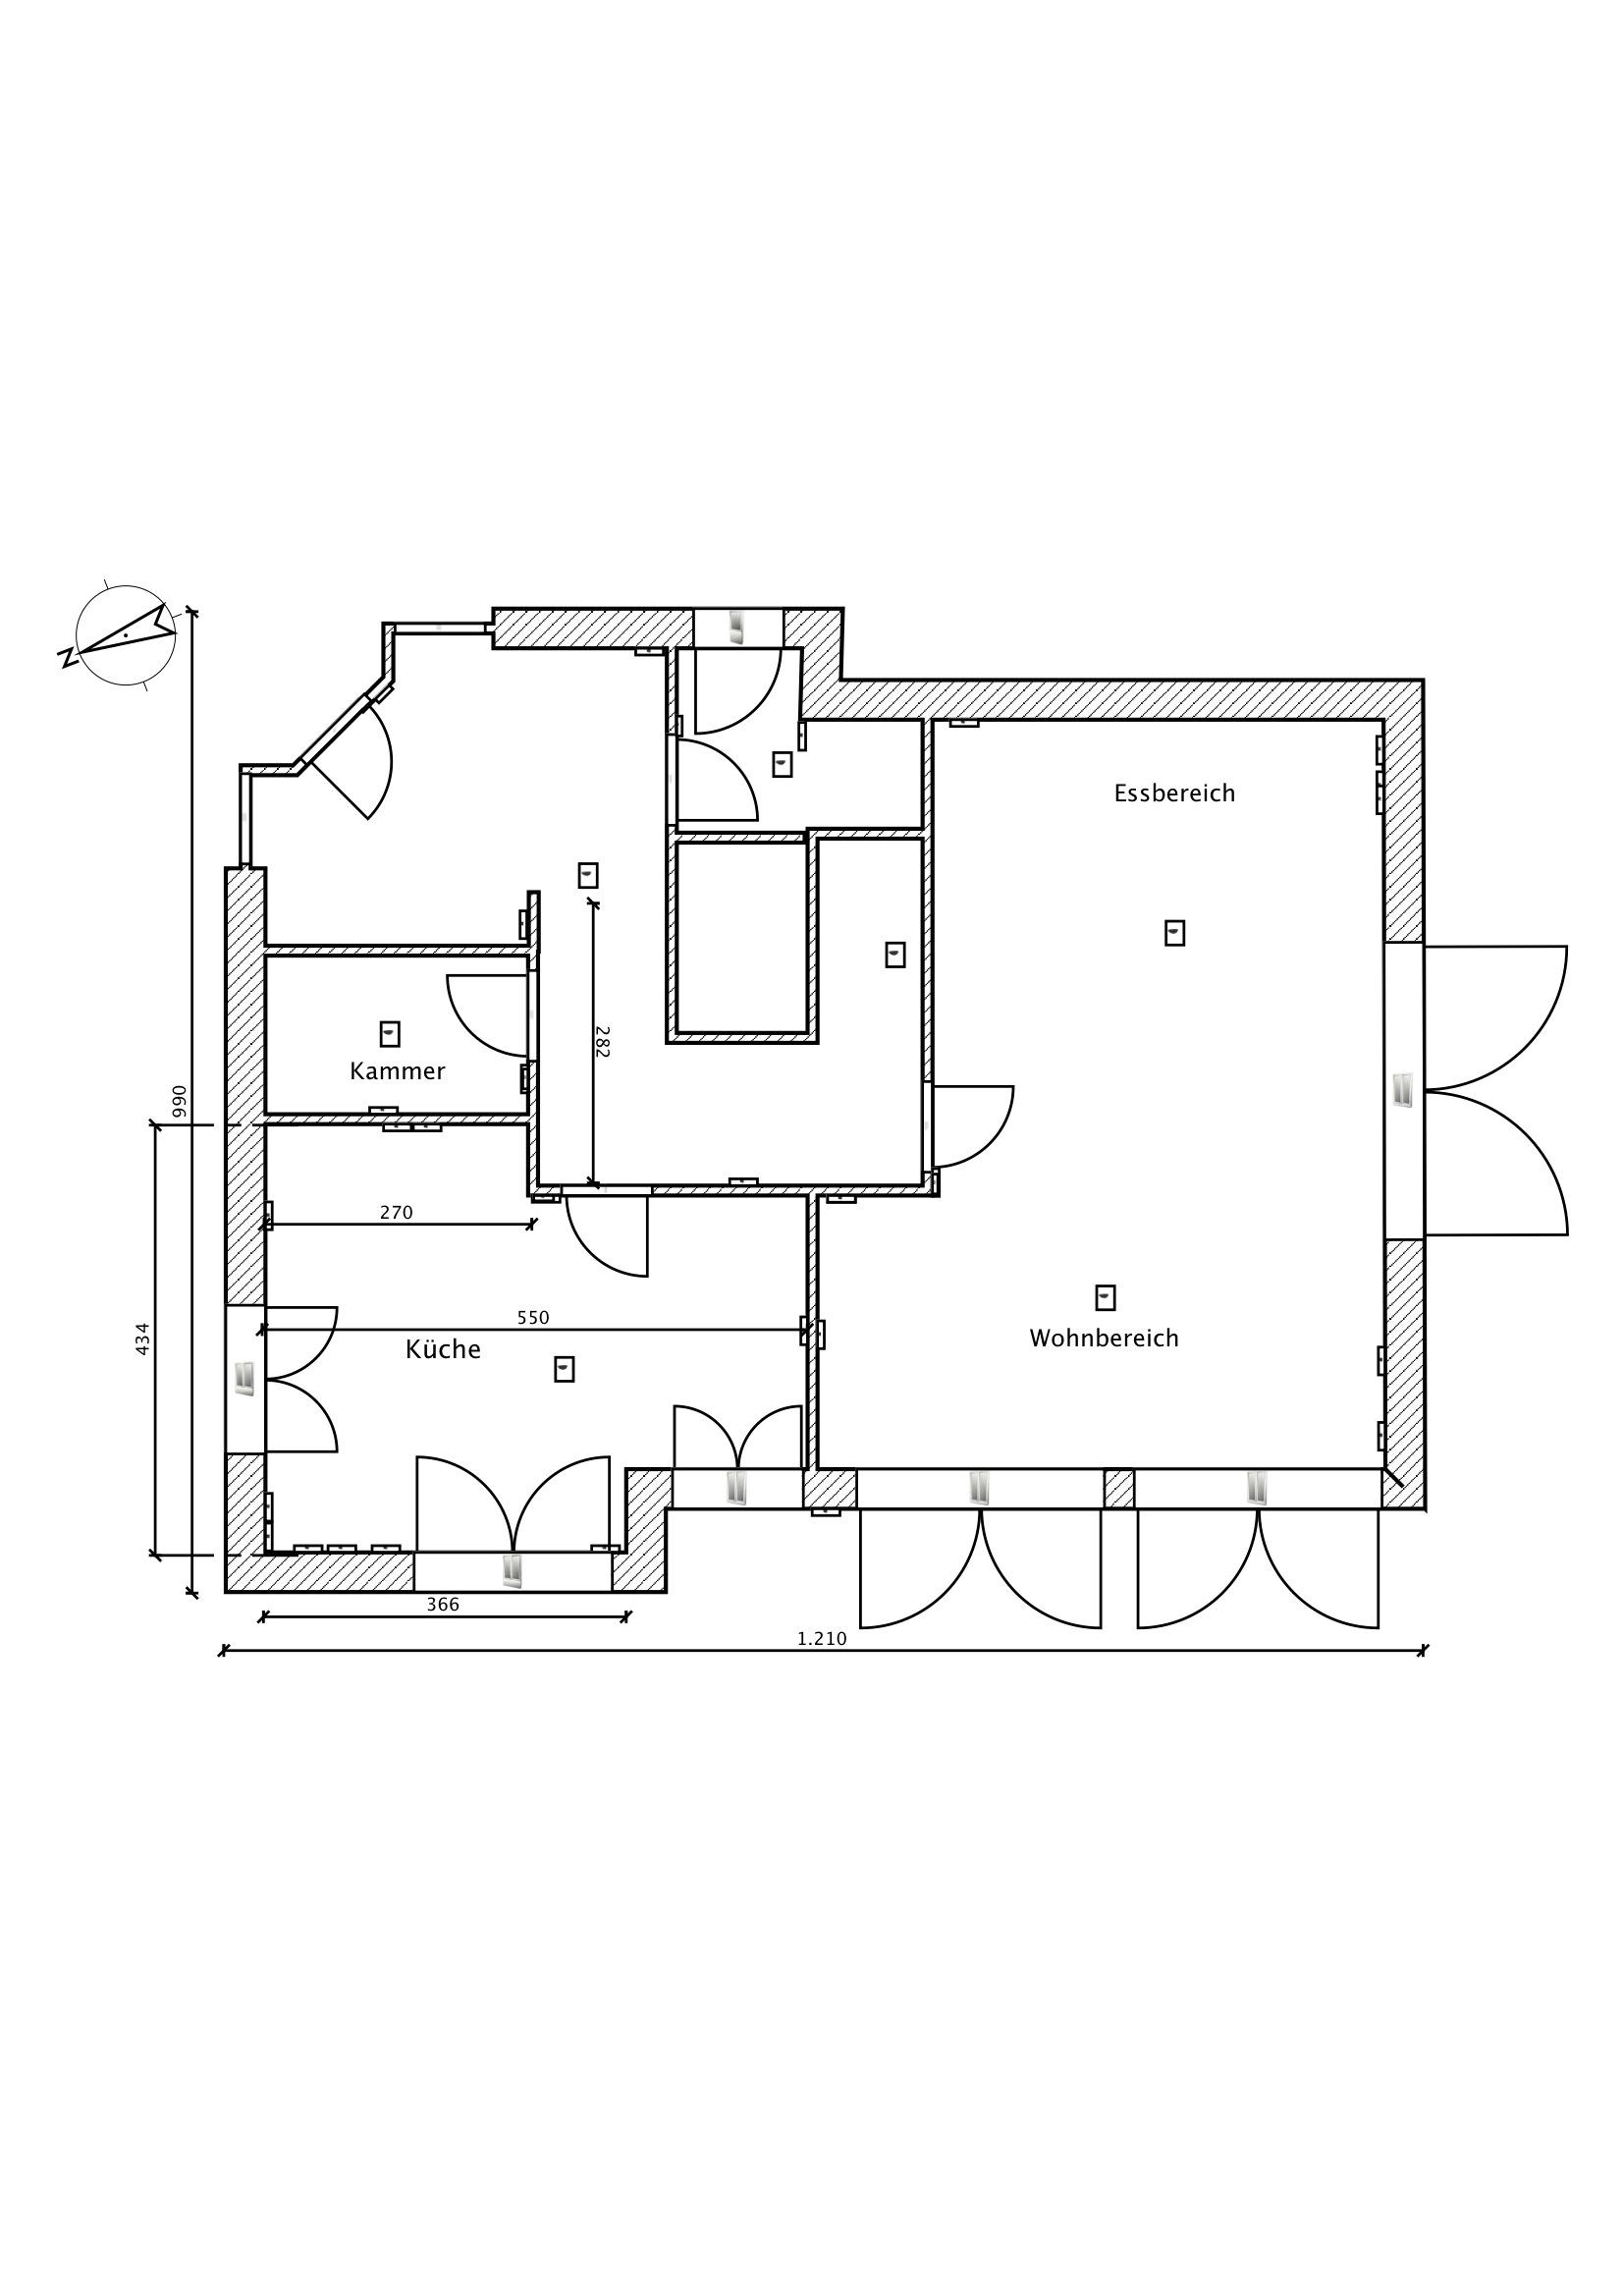 freie Küchenplanung beim Neubau | Küchenausstattung Forum | Chefkoch.de